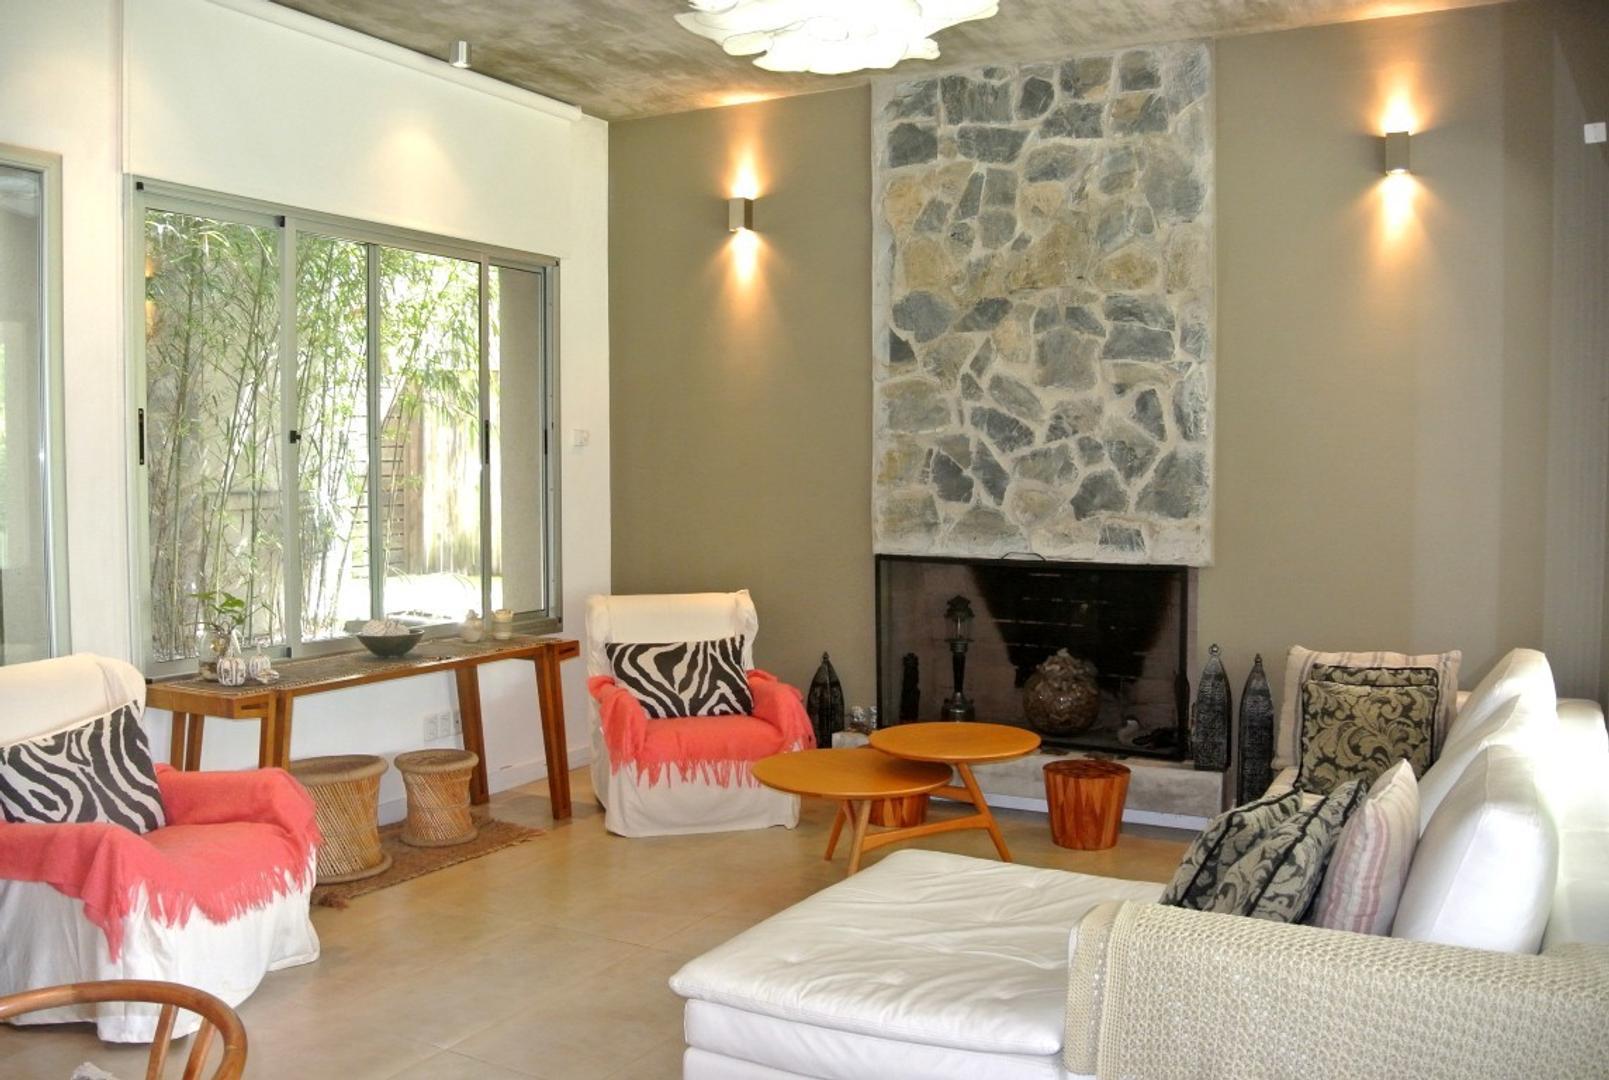 Casa - 280 m² | 4 dormitorios | 4 baños